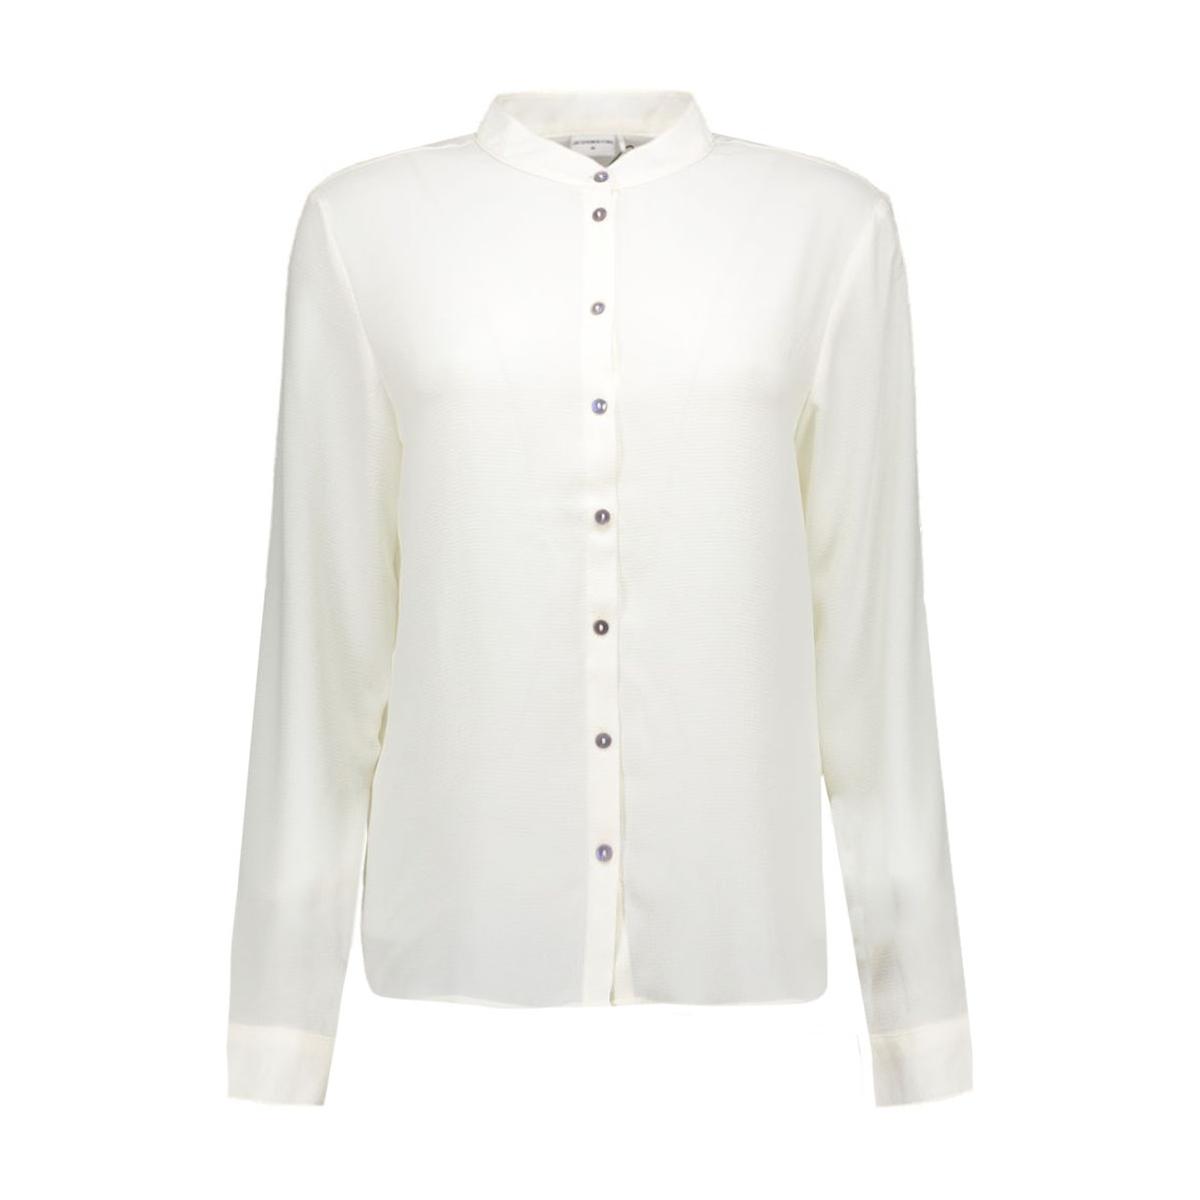 jdywave l/s shirt wvn 15121468 jacqueline de yong blouse cloud dancer